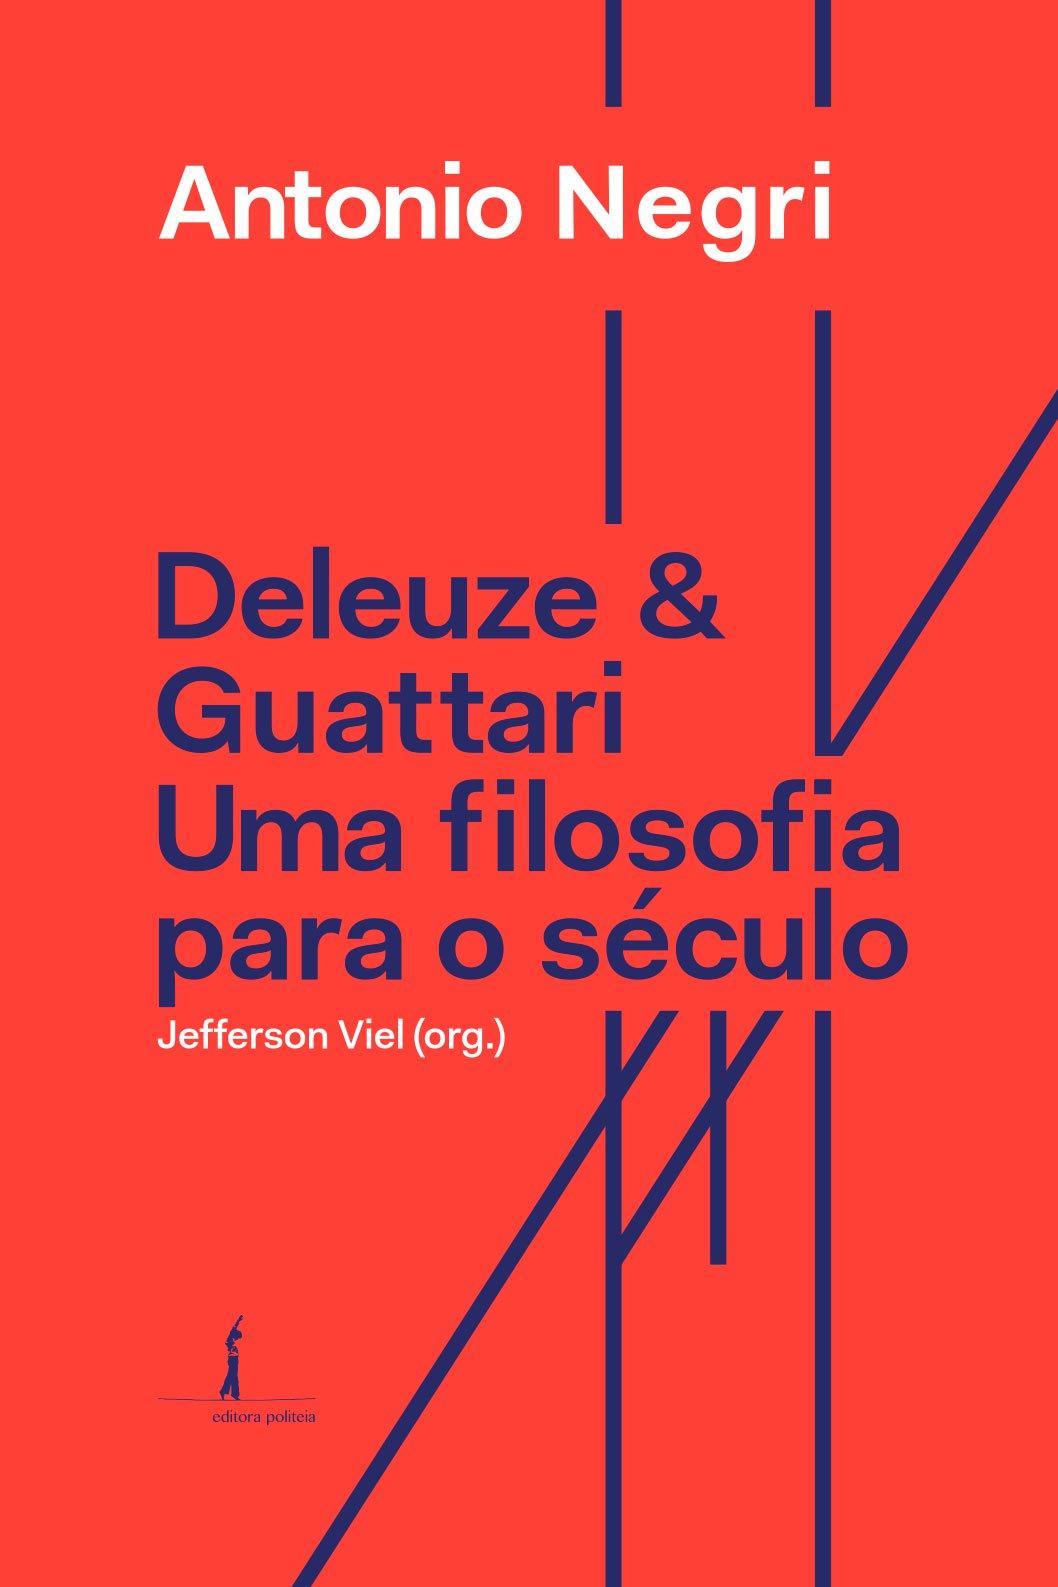 Deleuze e Guattari - Uma filosofia para o século XXI, livro de Antonio Negri, Jefferson Viel (org.)